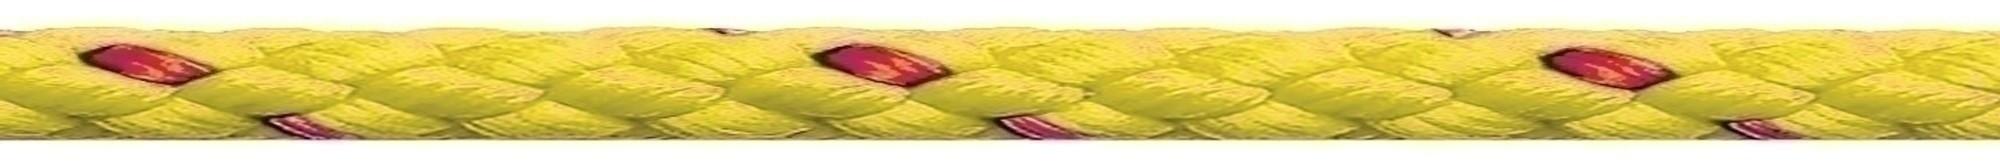 Waterskilijn geel Robline